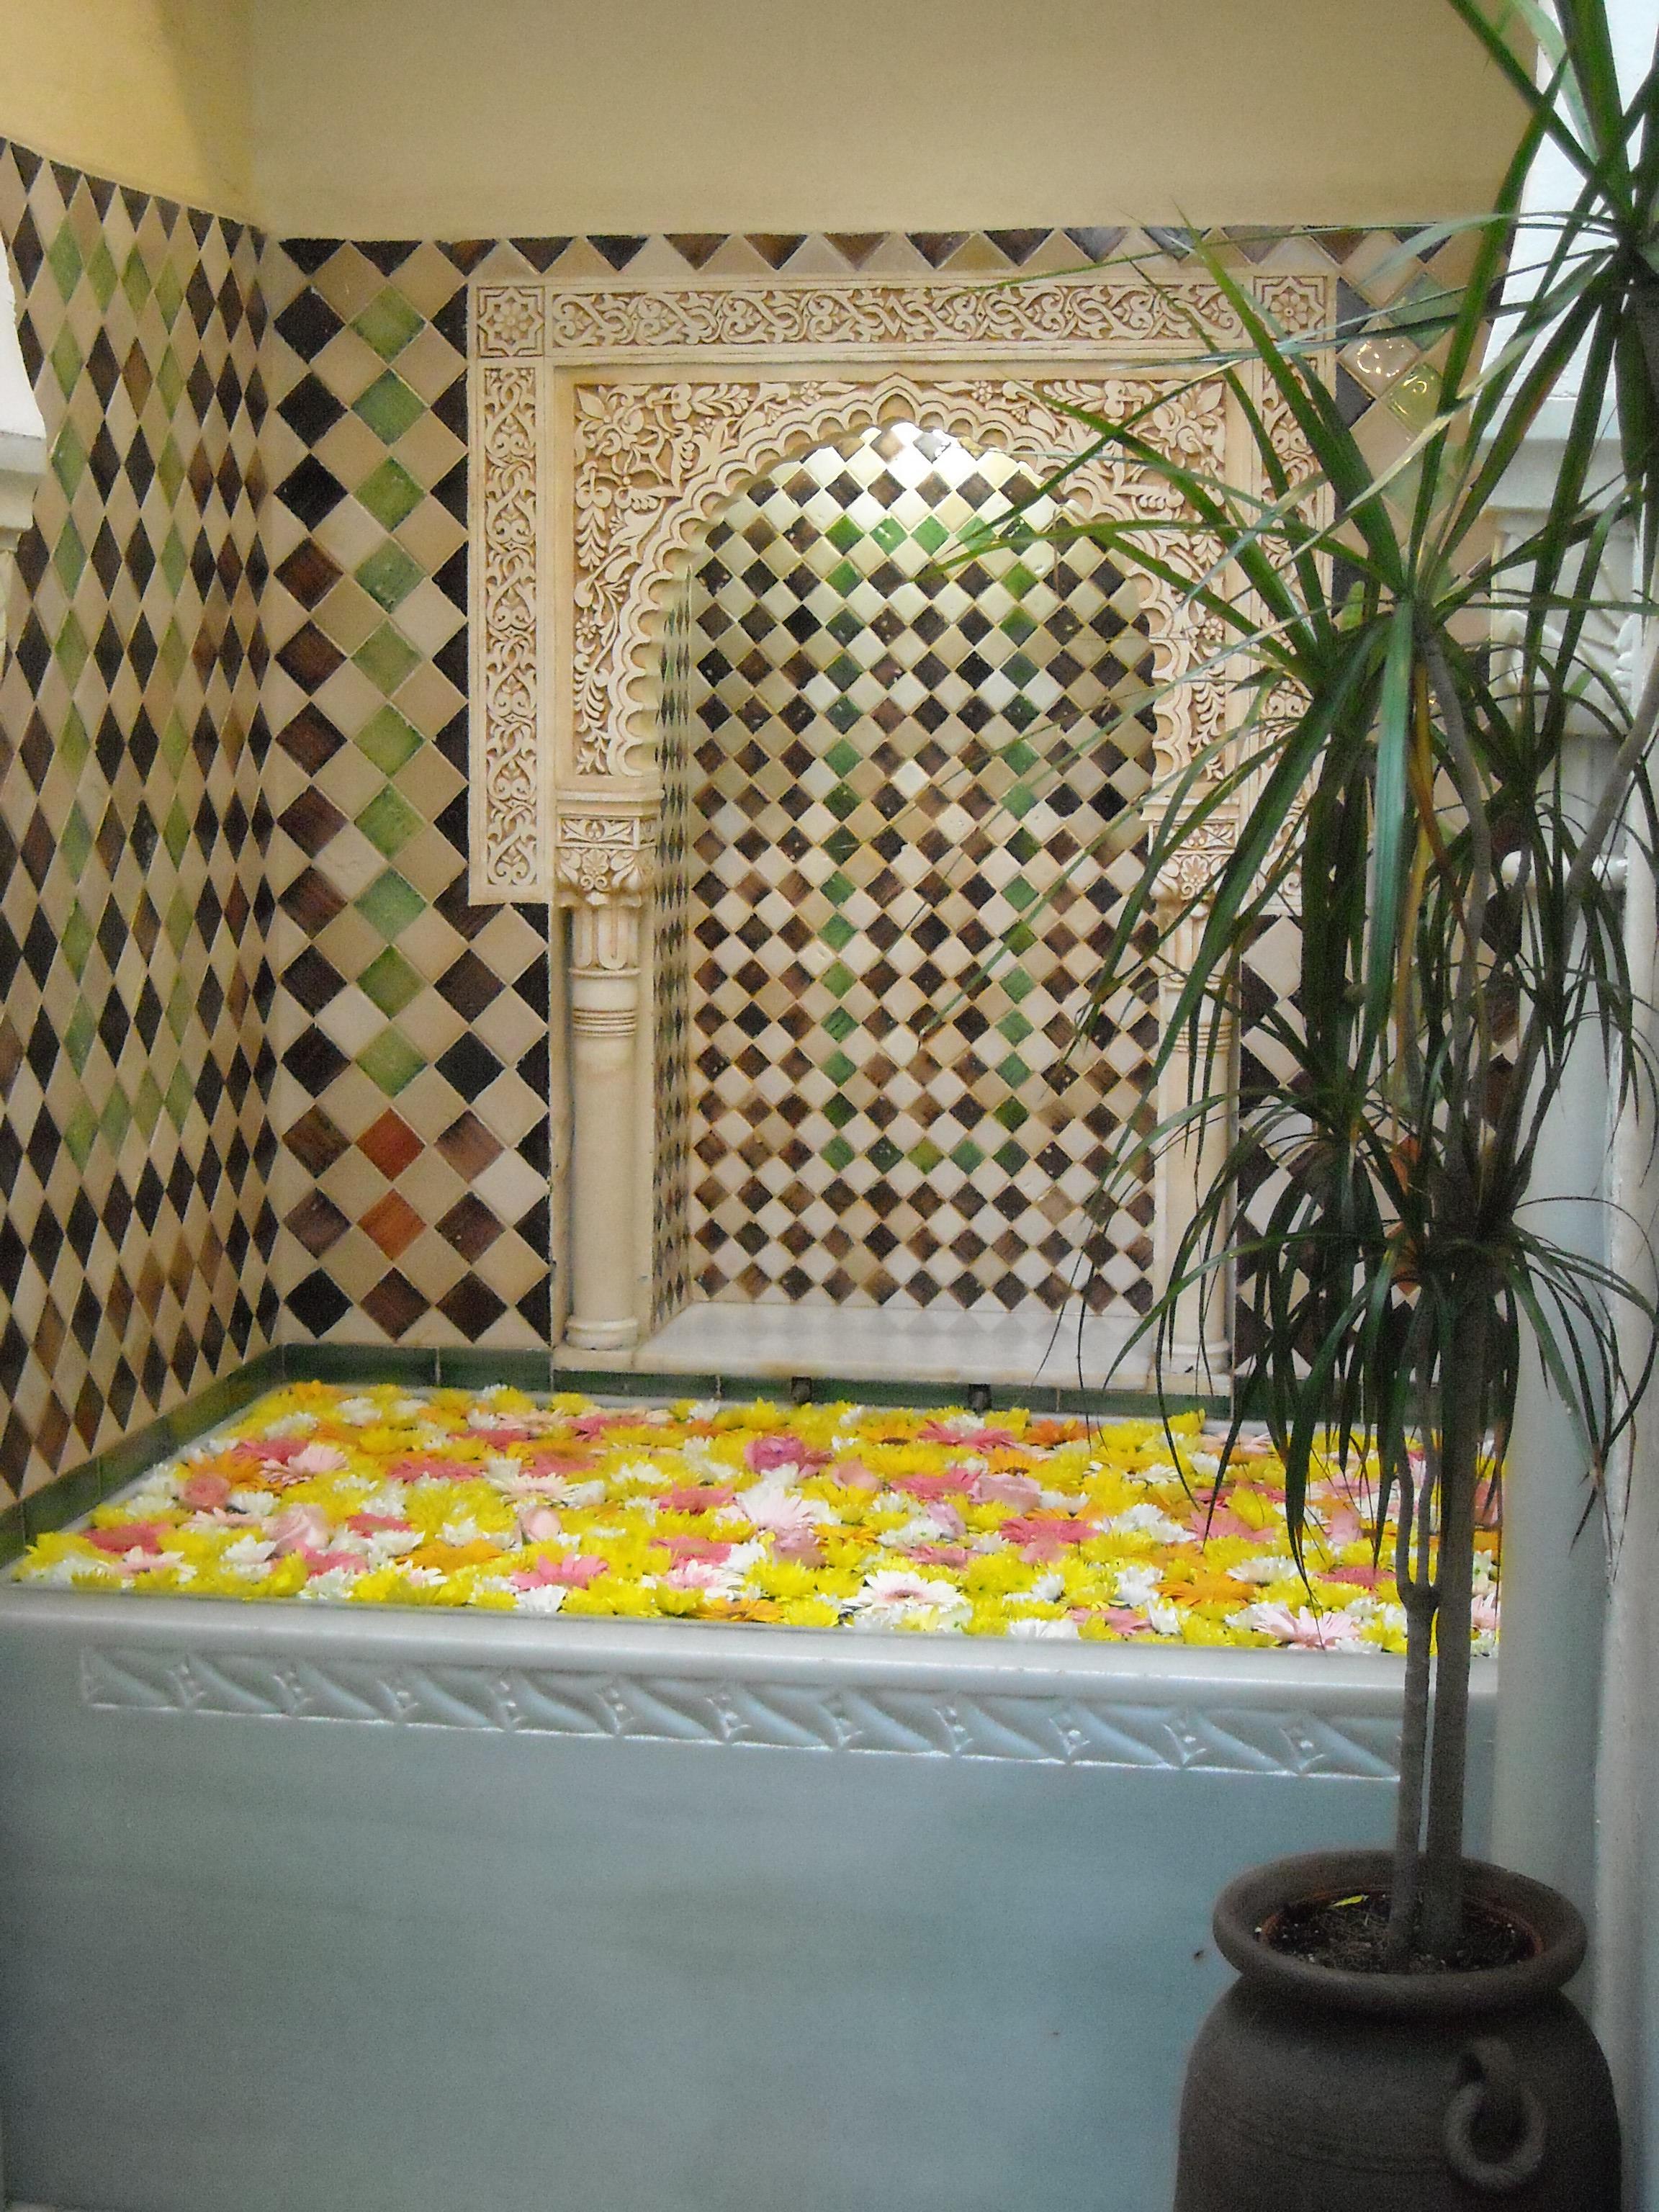 Baños Plantas Medicinales:File:Baño de flores – Casa andalusíjpg – Wikimedia Commons